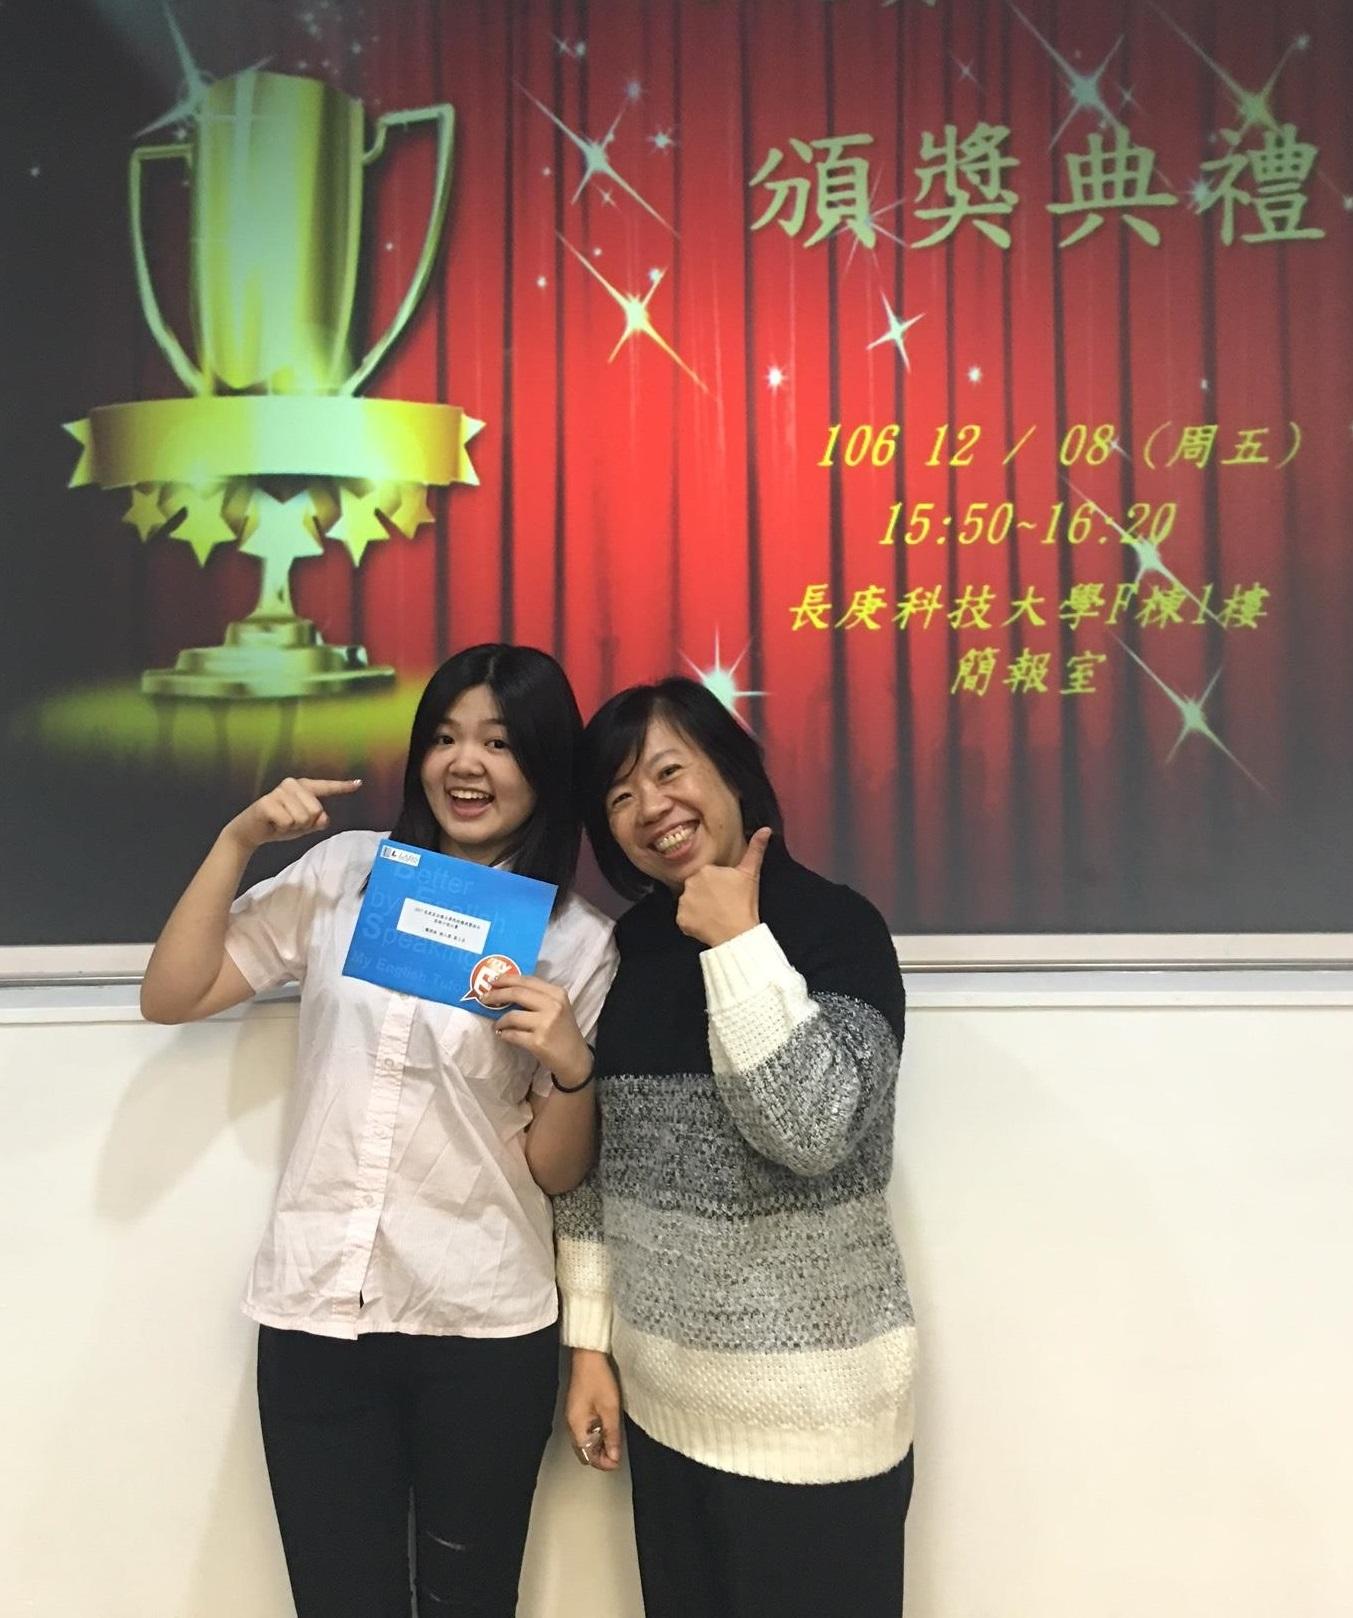 恭喜護理科張軒綺同學榮獲全國護理口說英語競賽個人  第三名